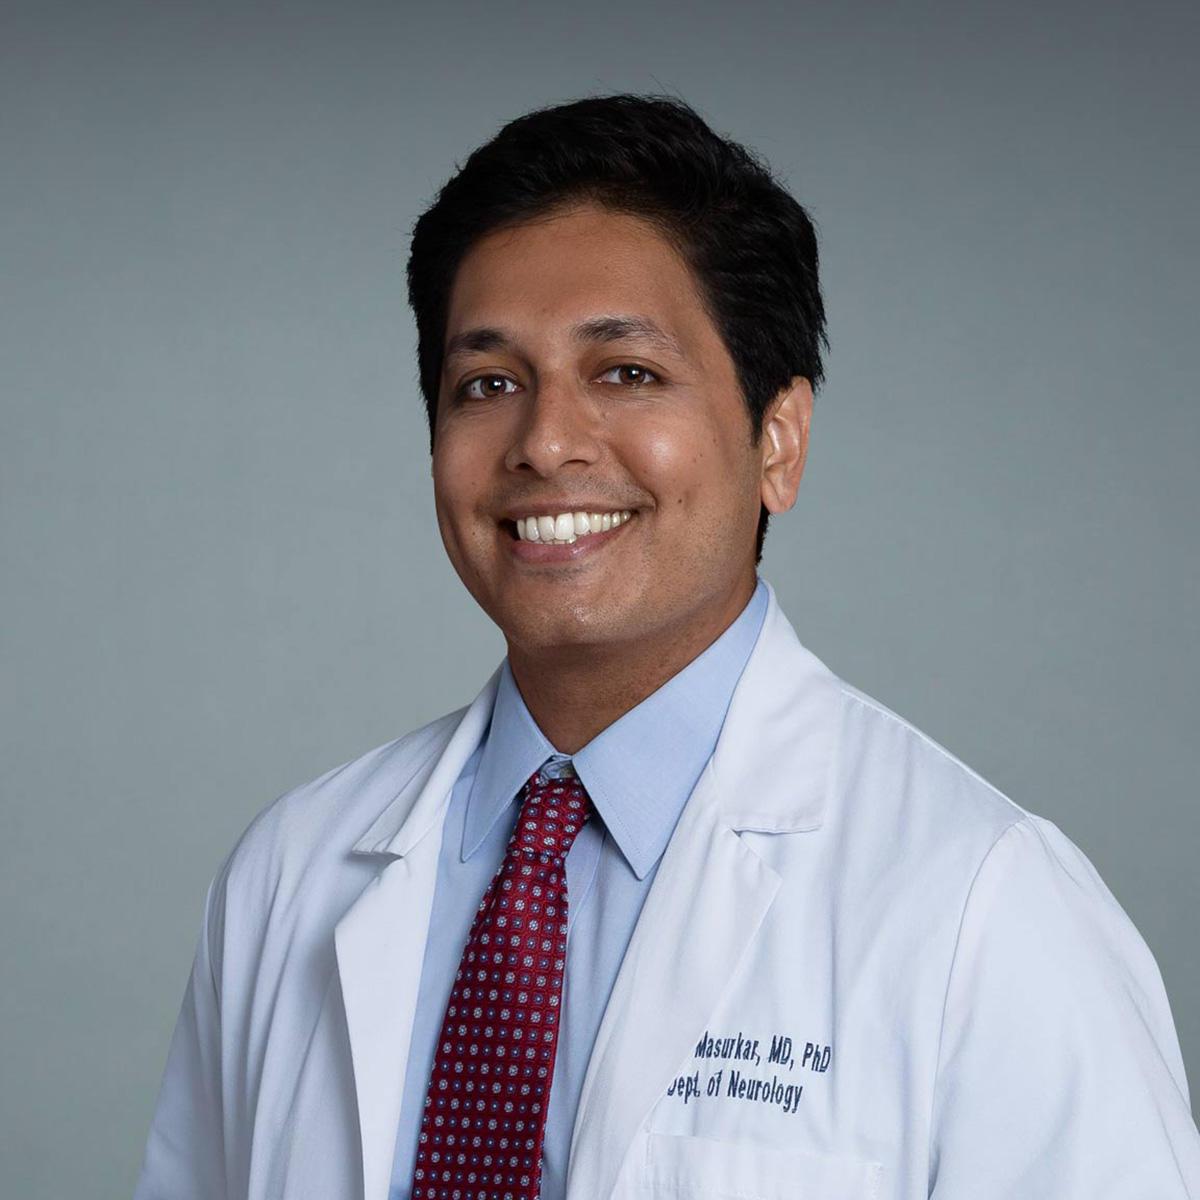 Arjun V. Masurkar, MD, PhD